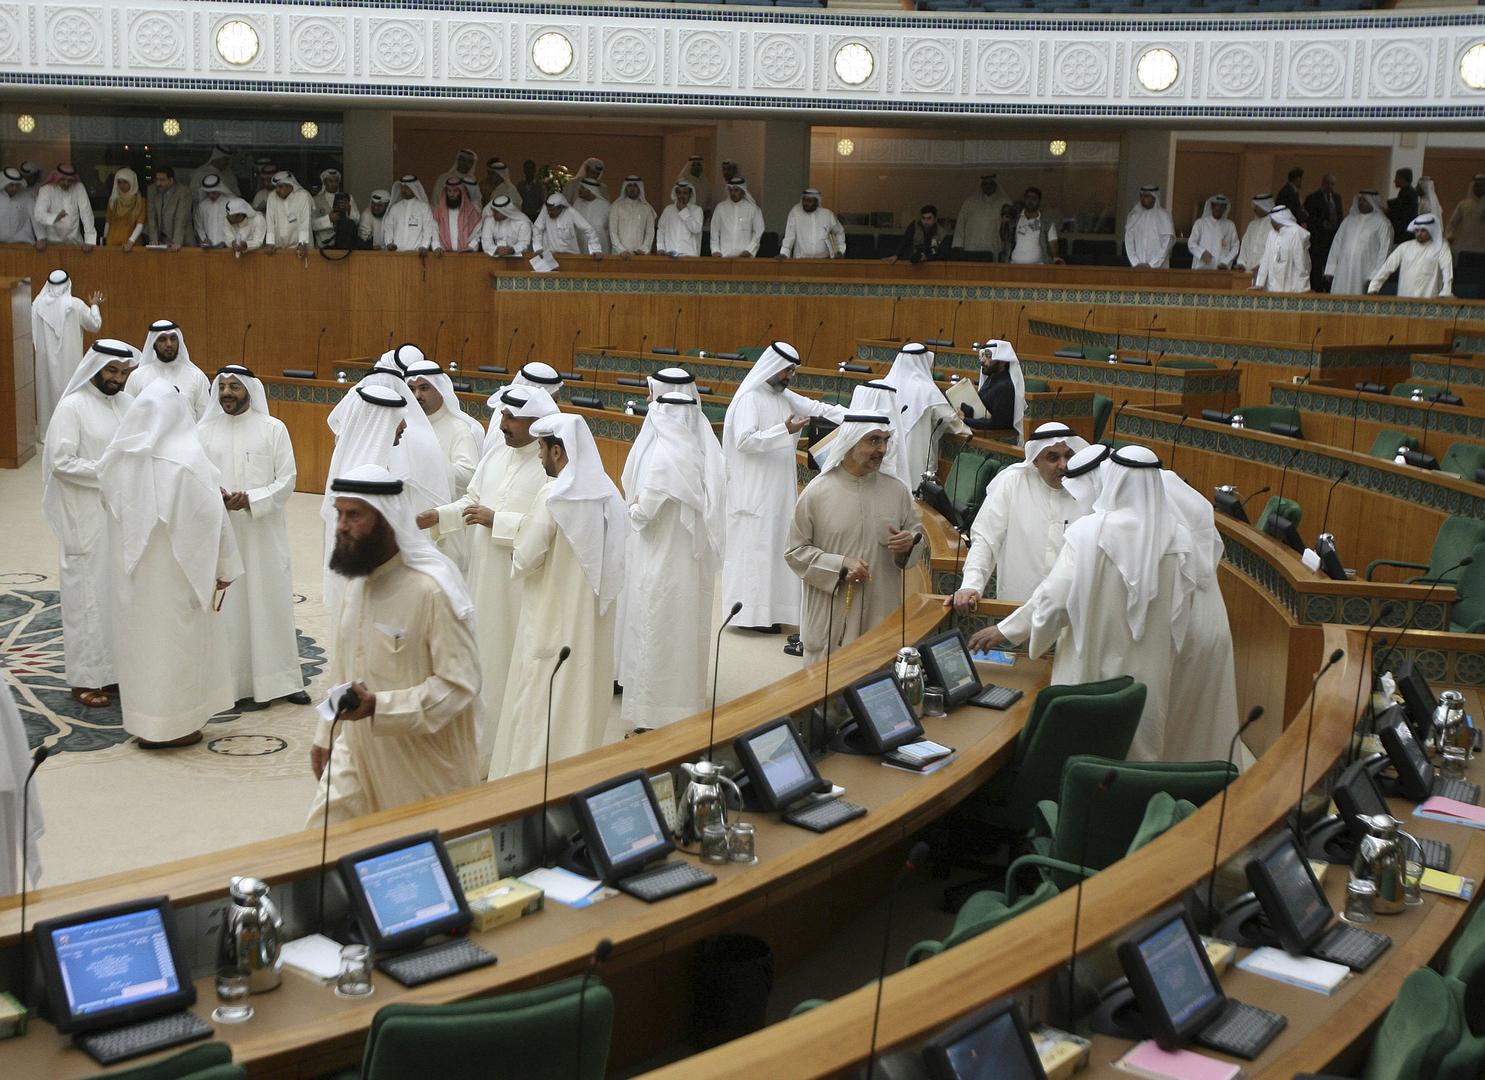 الحكومة الكويتية تؤدي اليمين الدستورية أمام مجلس الأمة (صور)